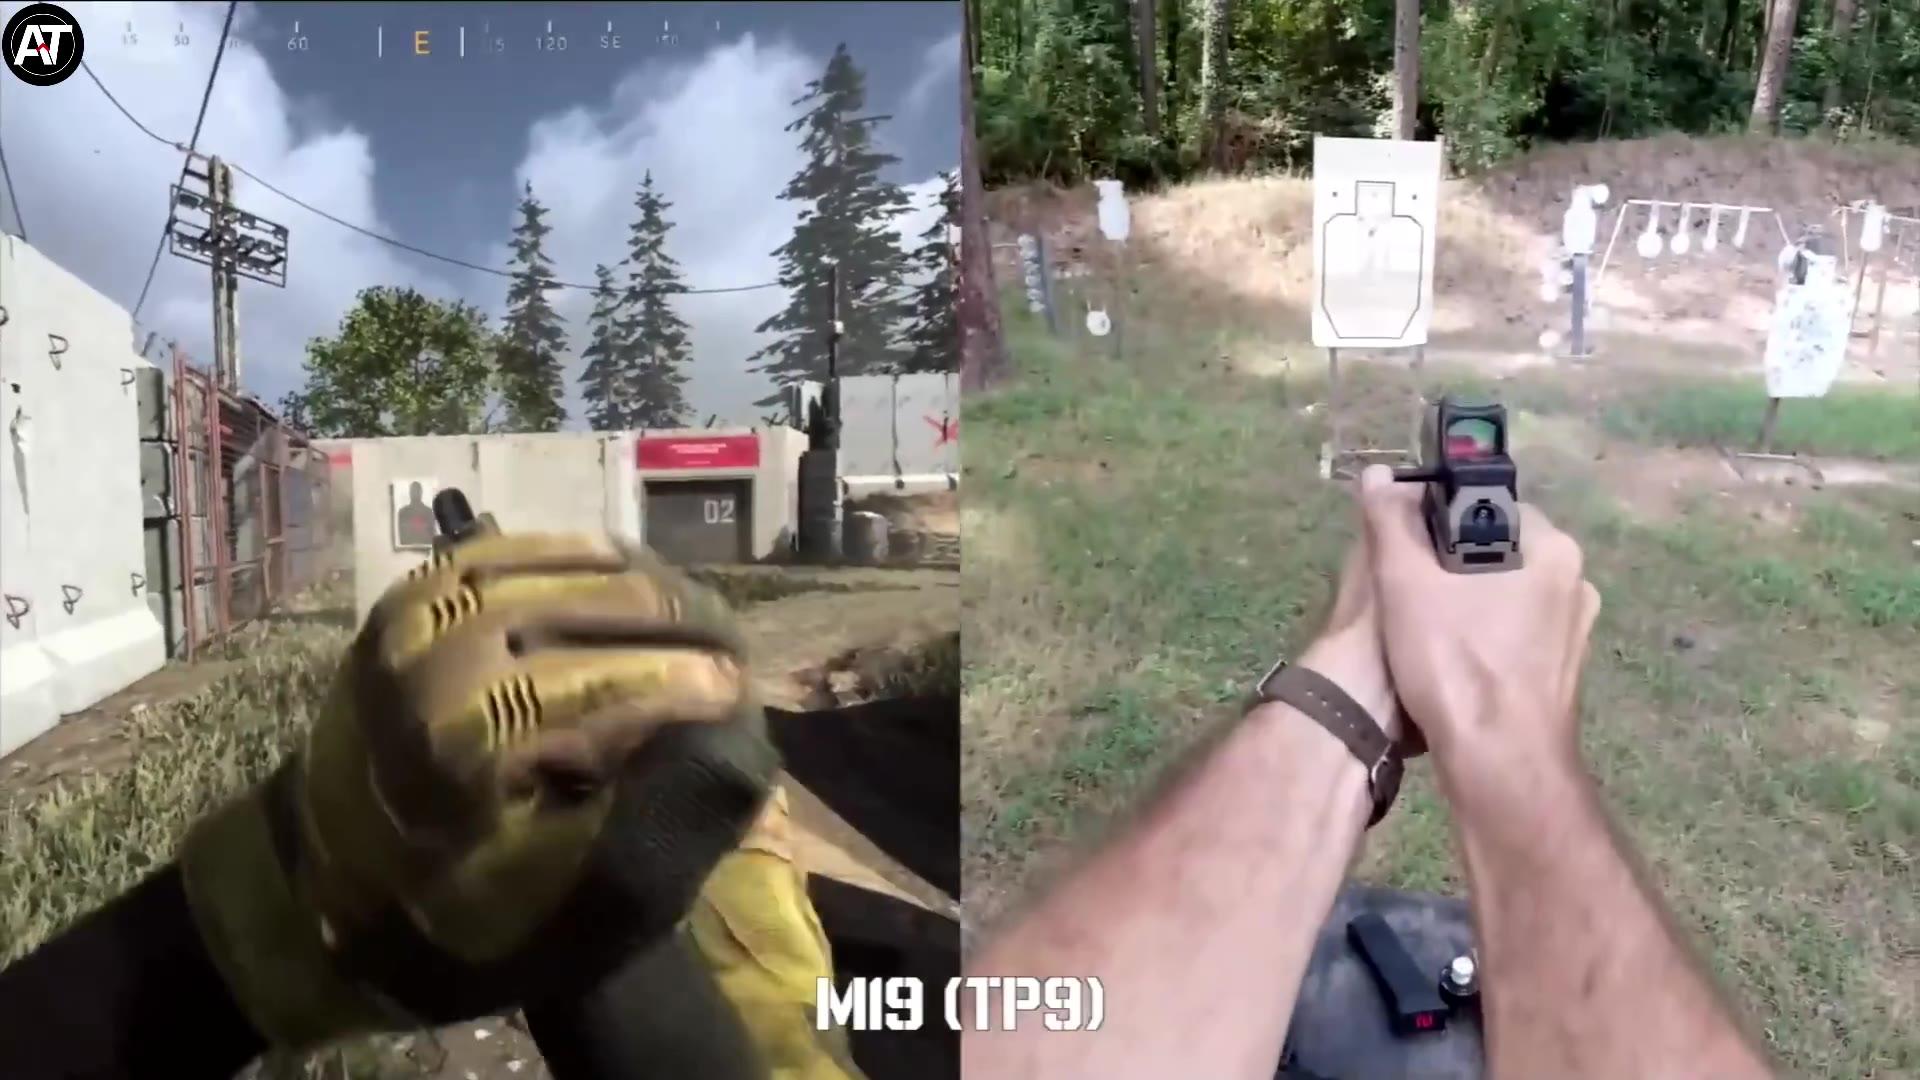 游戏碰撞现实:《使命召唤》VS真人,换弹大对决丨游戏